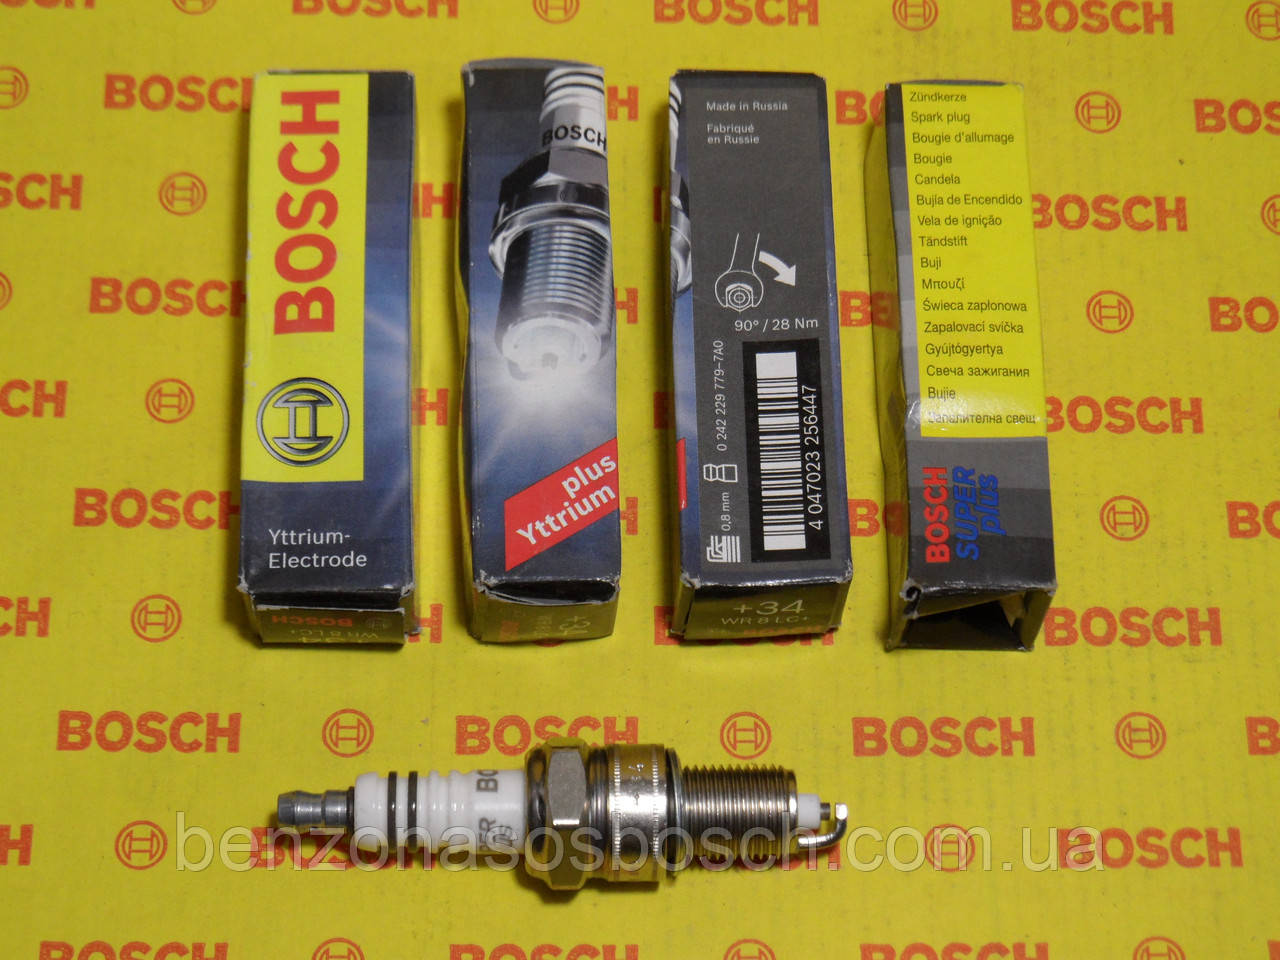 Свечи зажигания BOSCH, WR8LC+, +34, 0.8, Super +, 0242229779, 0 242 229 779,